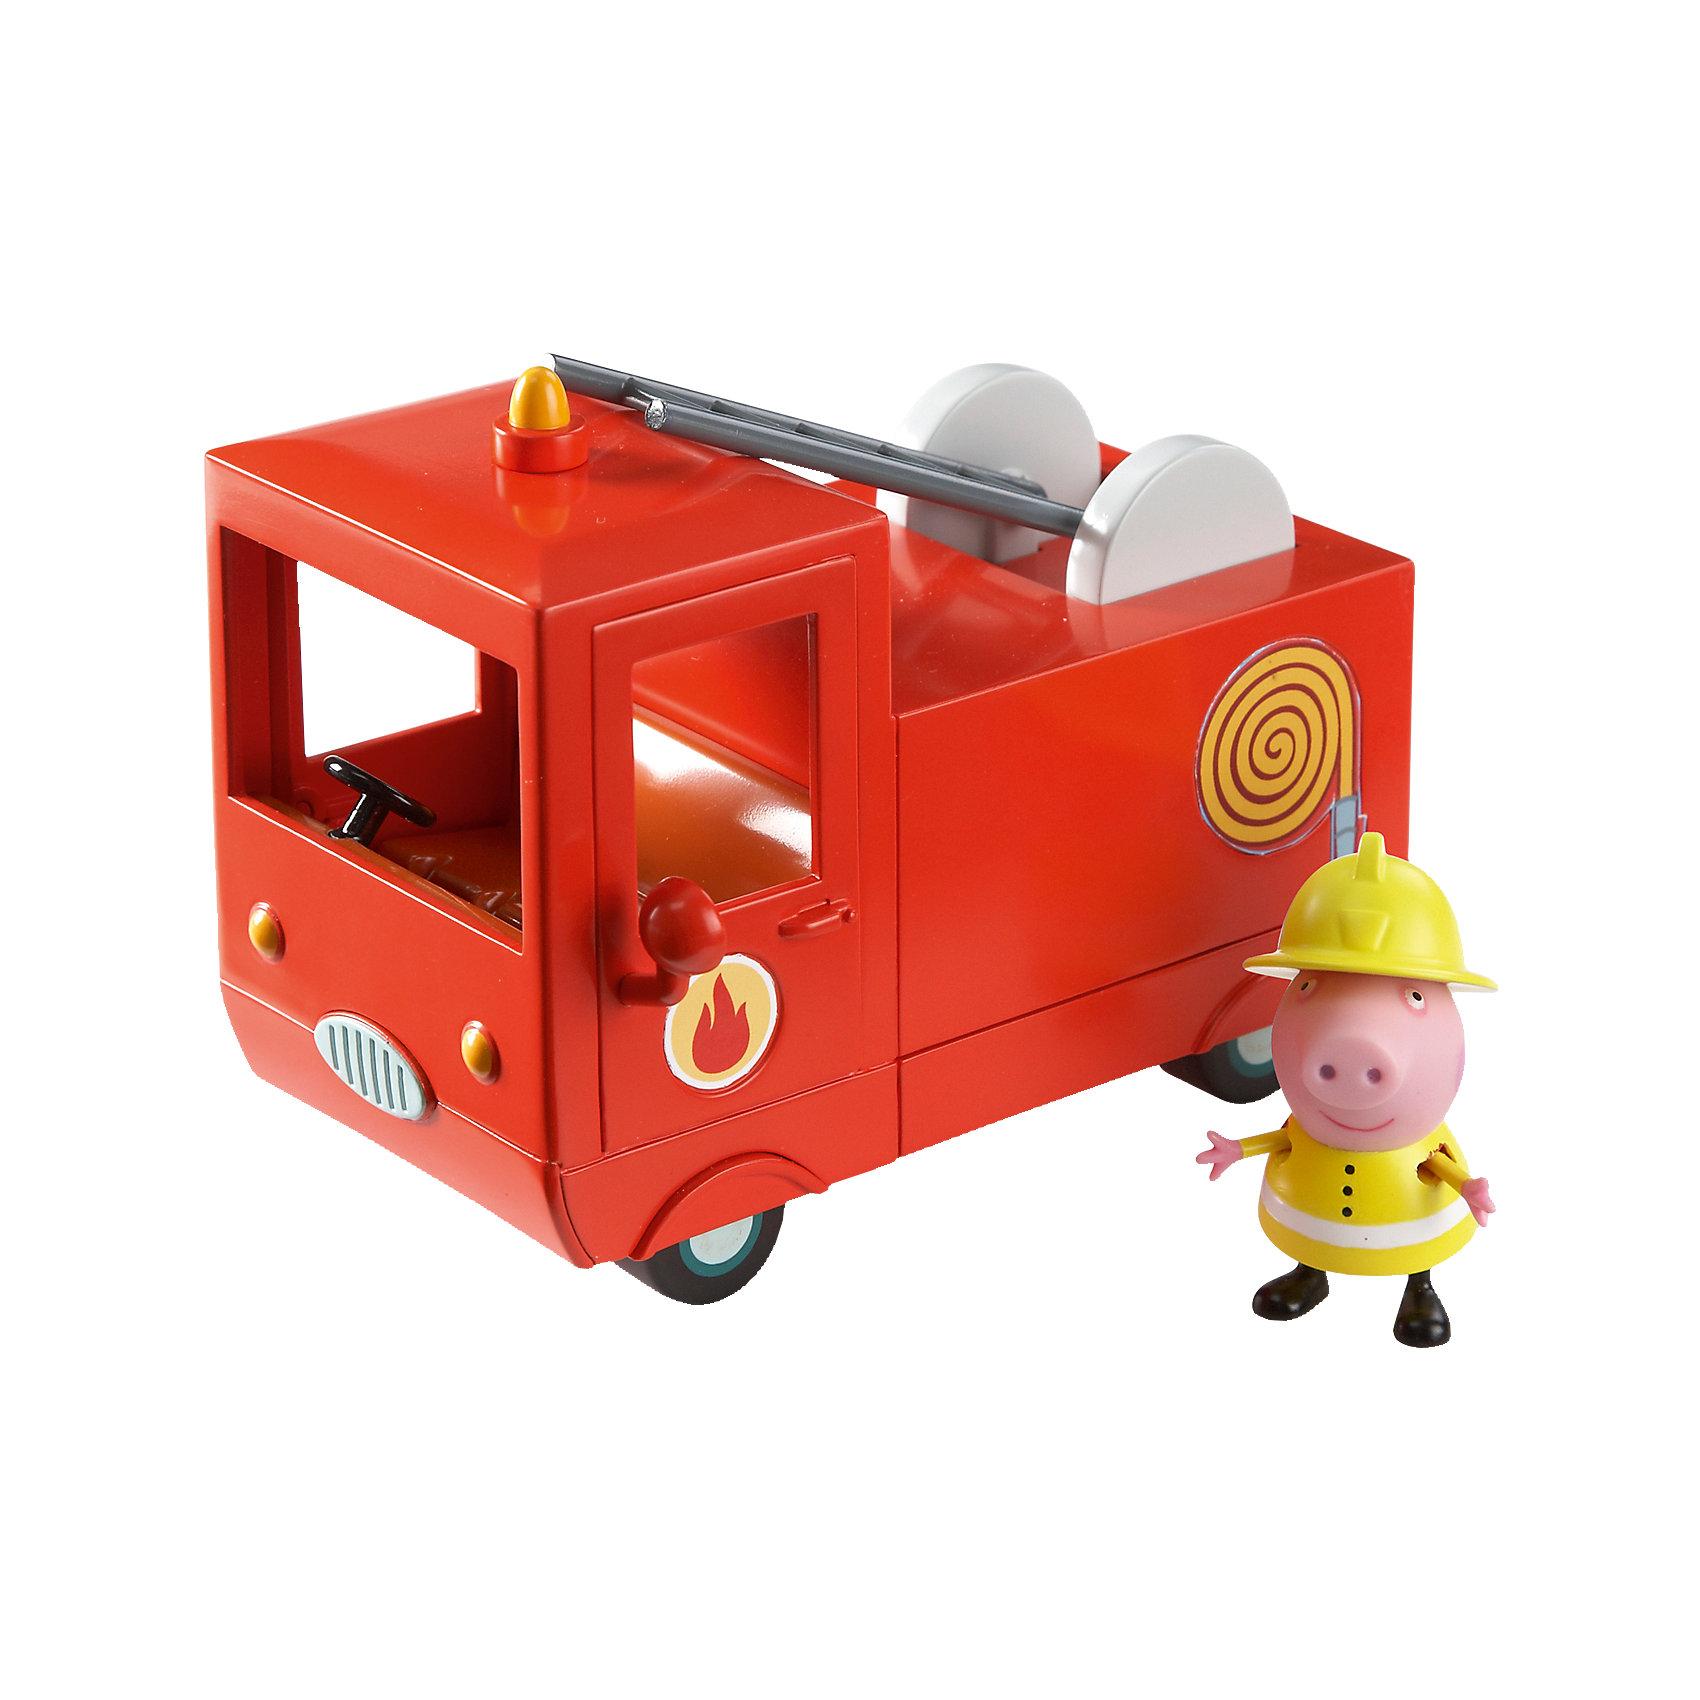 Пожарная машина Пеппы, Свинка ПеппаСвинка Пеппа спешит на помощь! В защитной форме и шлеме пожарника она отважно тушит огонь и спасает своих друзей. И все это благодаря ее пожарной машине – точно такой же, как и в мультфильме! В ней есть кабина с открывающимися дверками и углублениями на сидении для двух фигурок, подвижная пожарная лестница, декоративные зеркала и мигалка. С ней не страшен никакой пожар!&#13;<br><br>Дополнительная информация:<br><br>В игровом наборе «Пожарная машина Пеппы» ТМ «Peppa Pig» 2 предмета: красная пожарная машина размером 14х9,5х7см, фигурка Свинки Пеппы высотой 5,5 см с двигающимися ручками и ножками, которая может стоять и сидеть. Игрушки выполнены из высококачественного пластика и безопасны для детского использования. <br><br>Пожарную машину Пеппы, Свинка Пеппа можно купить в нашем магазине.<br><br>Ширина мм: 200<br>Глубина мм: 130<br>Высота мм: 140<br>Вес г: 368<br>Возраст от месяцев: 36<br>Возраст до месяцев: 72<br>Пол: Унисекс<br>Возраст: Детский<br>SKU: 4440527